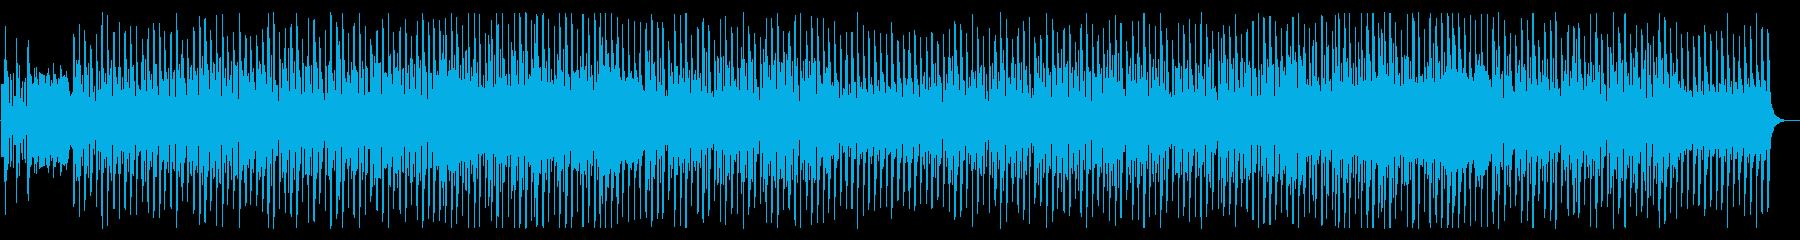 軽快でかわいい、コミカルなハロウィン曲の再生済みの波形